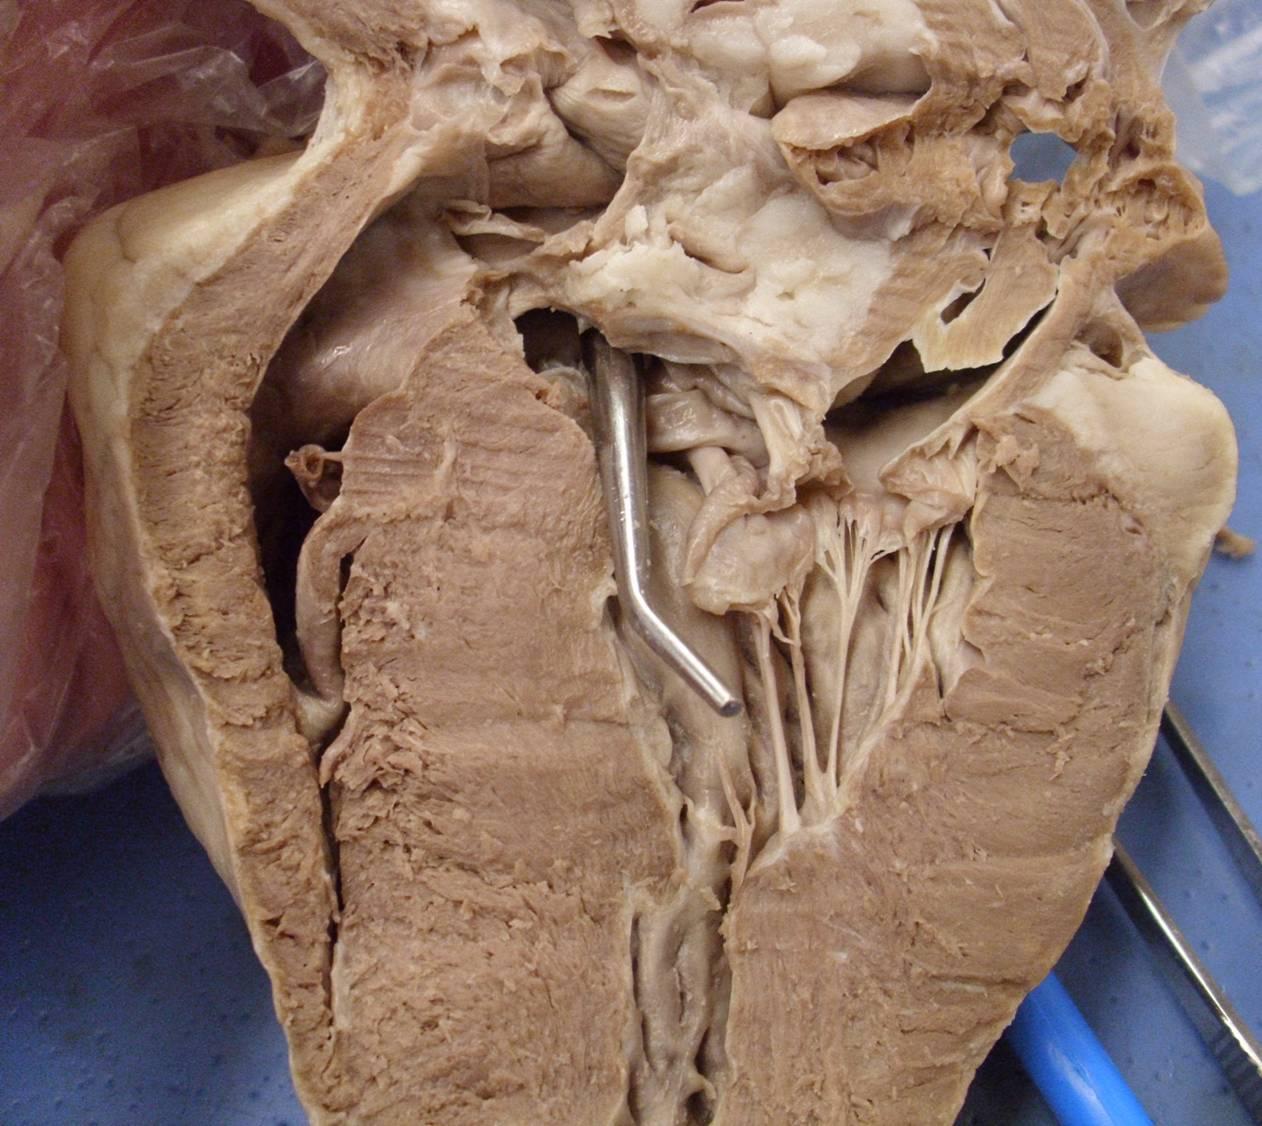 Heart Model Amp Sheep Heart Practice Quiz